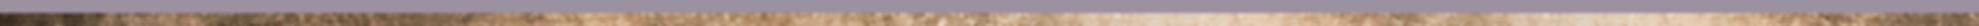 lijn paars goud nieuw.png